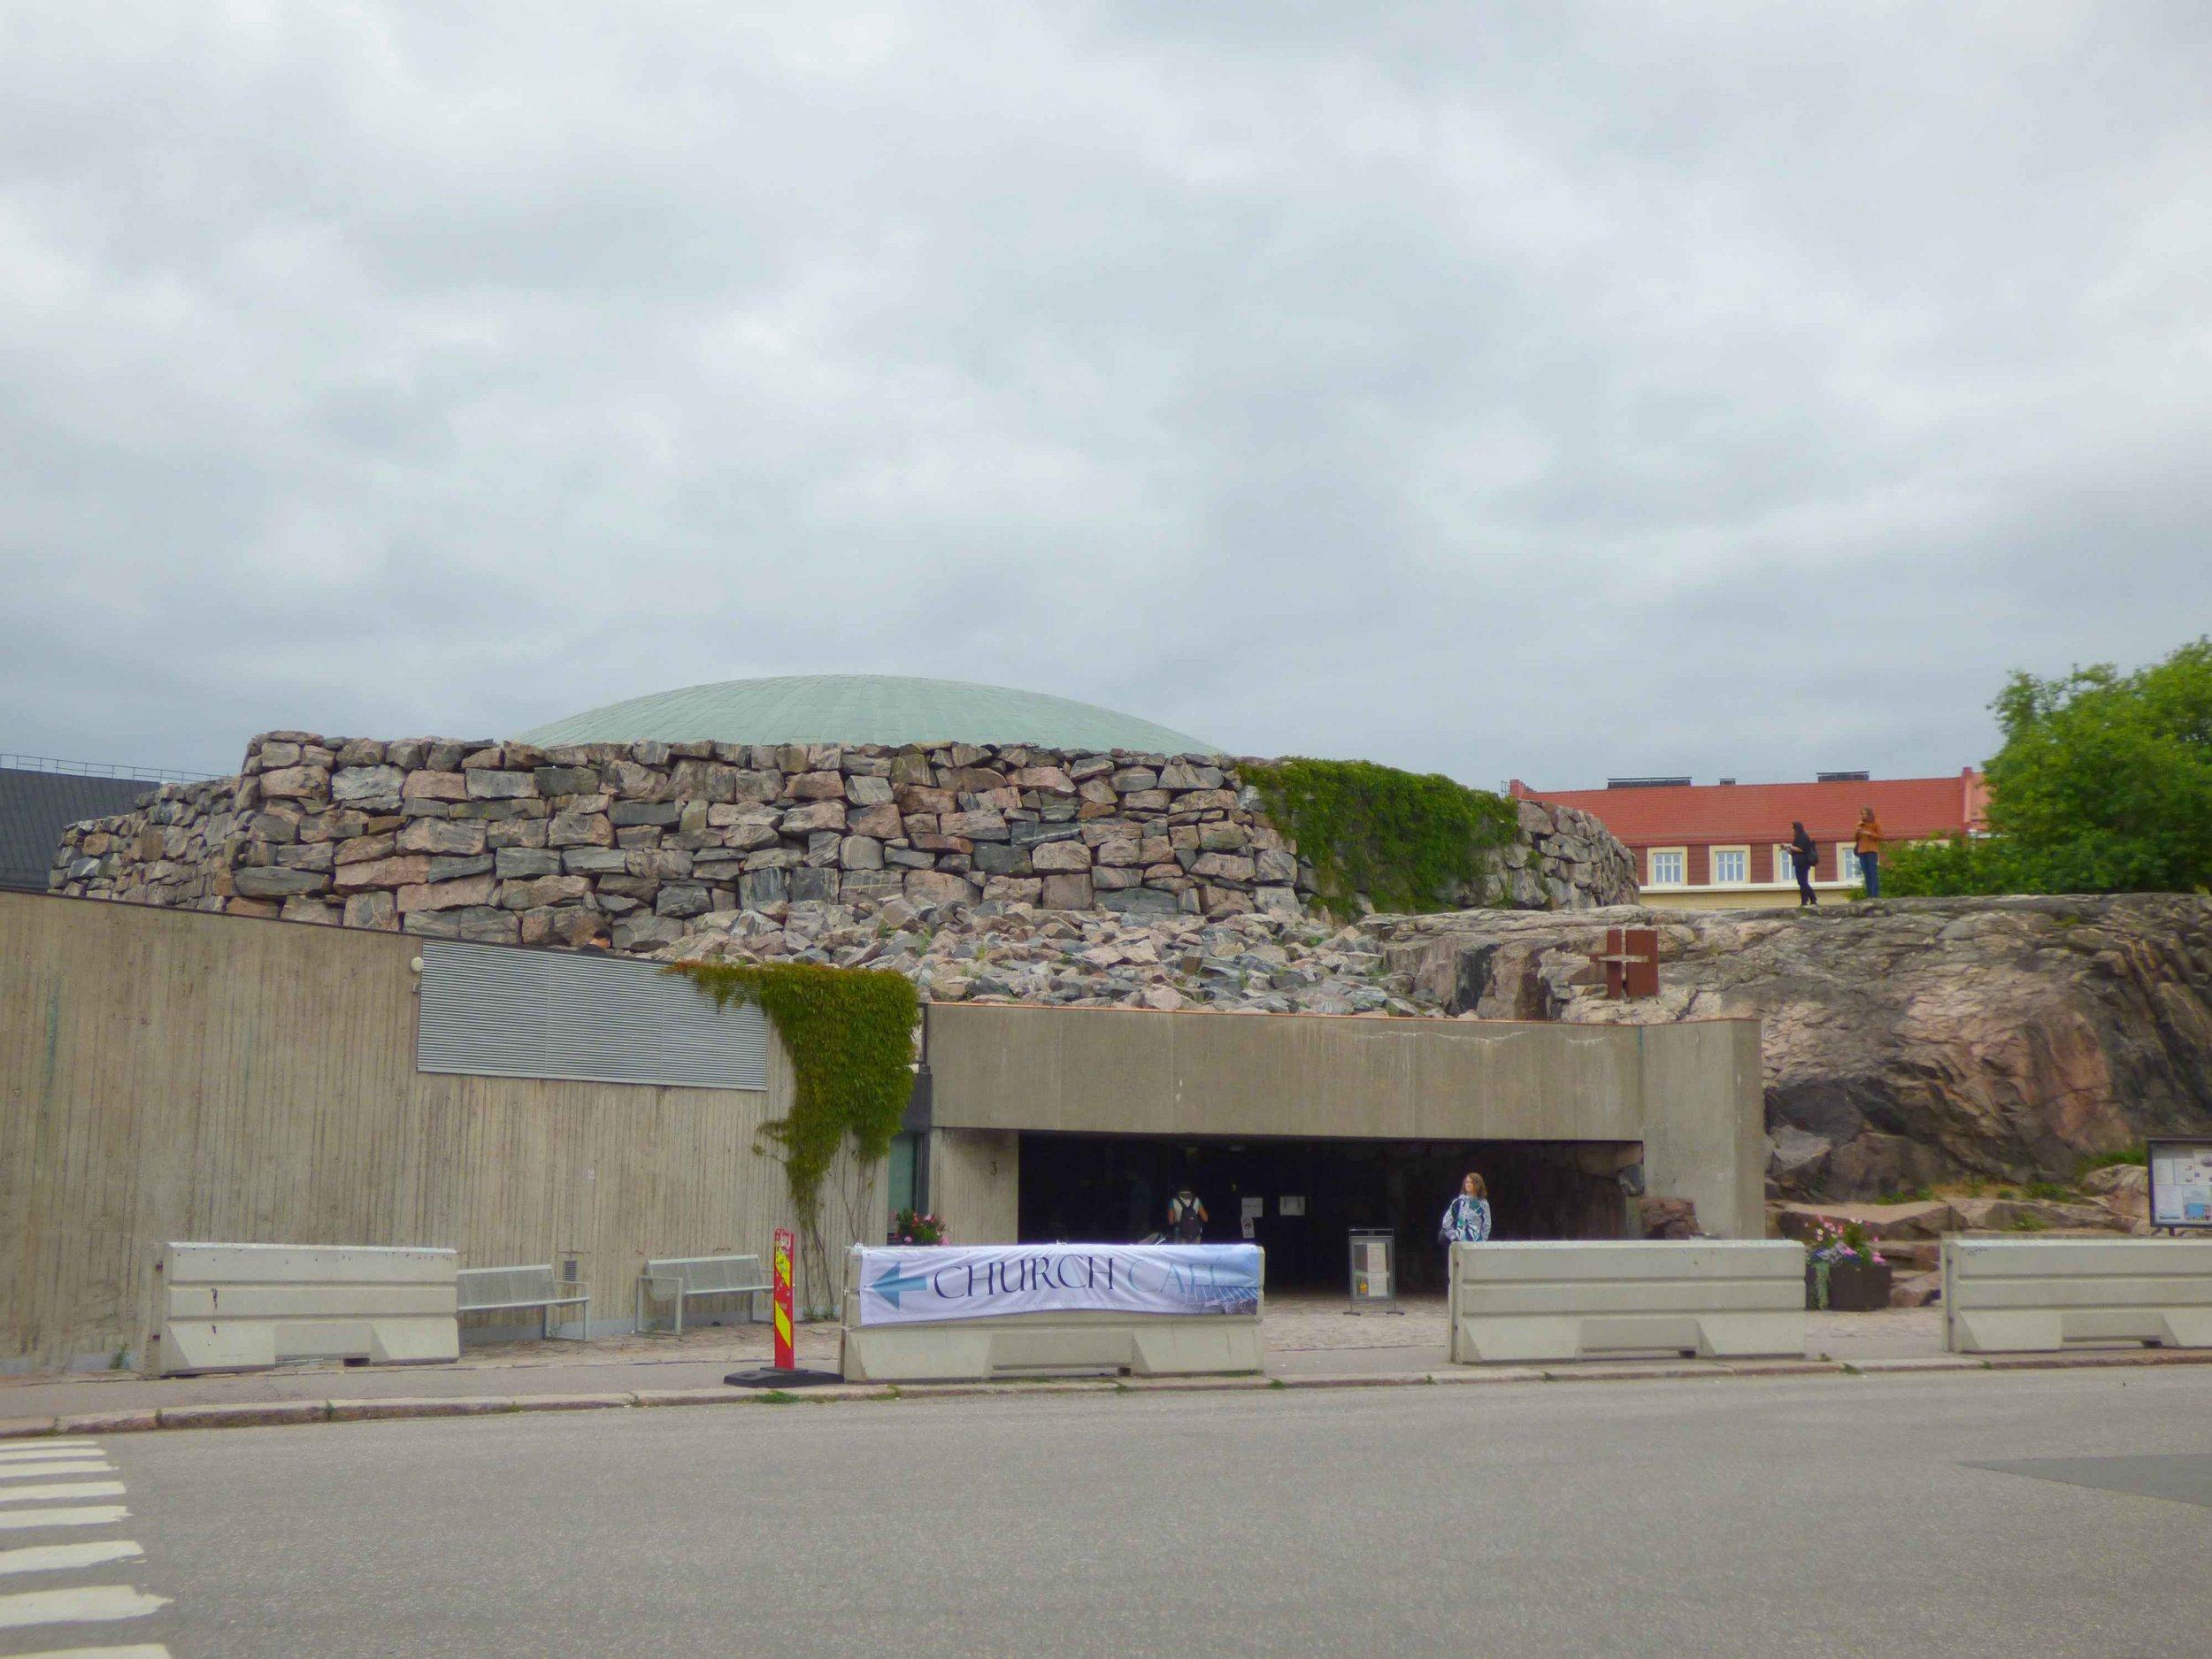 Kirkon edessä olevat betoniesteet tuotiin sinne kesällä 2017 kun oli epäilys, että kirkkoon suunniteltiin terrori-iskua